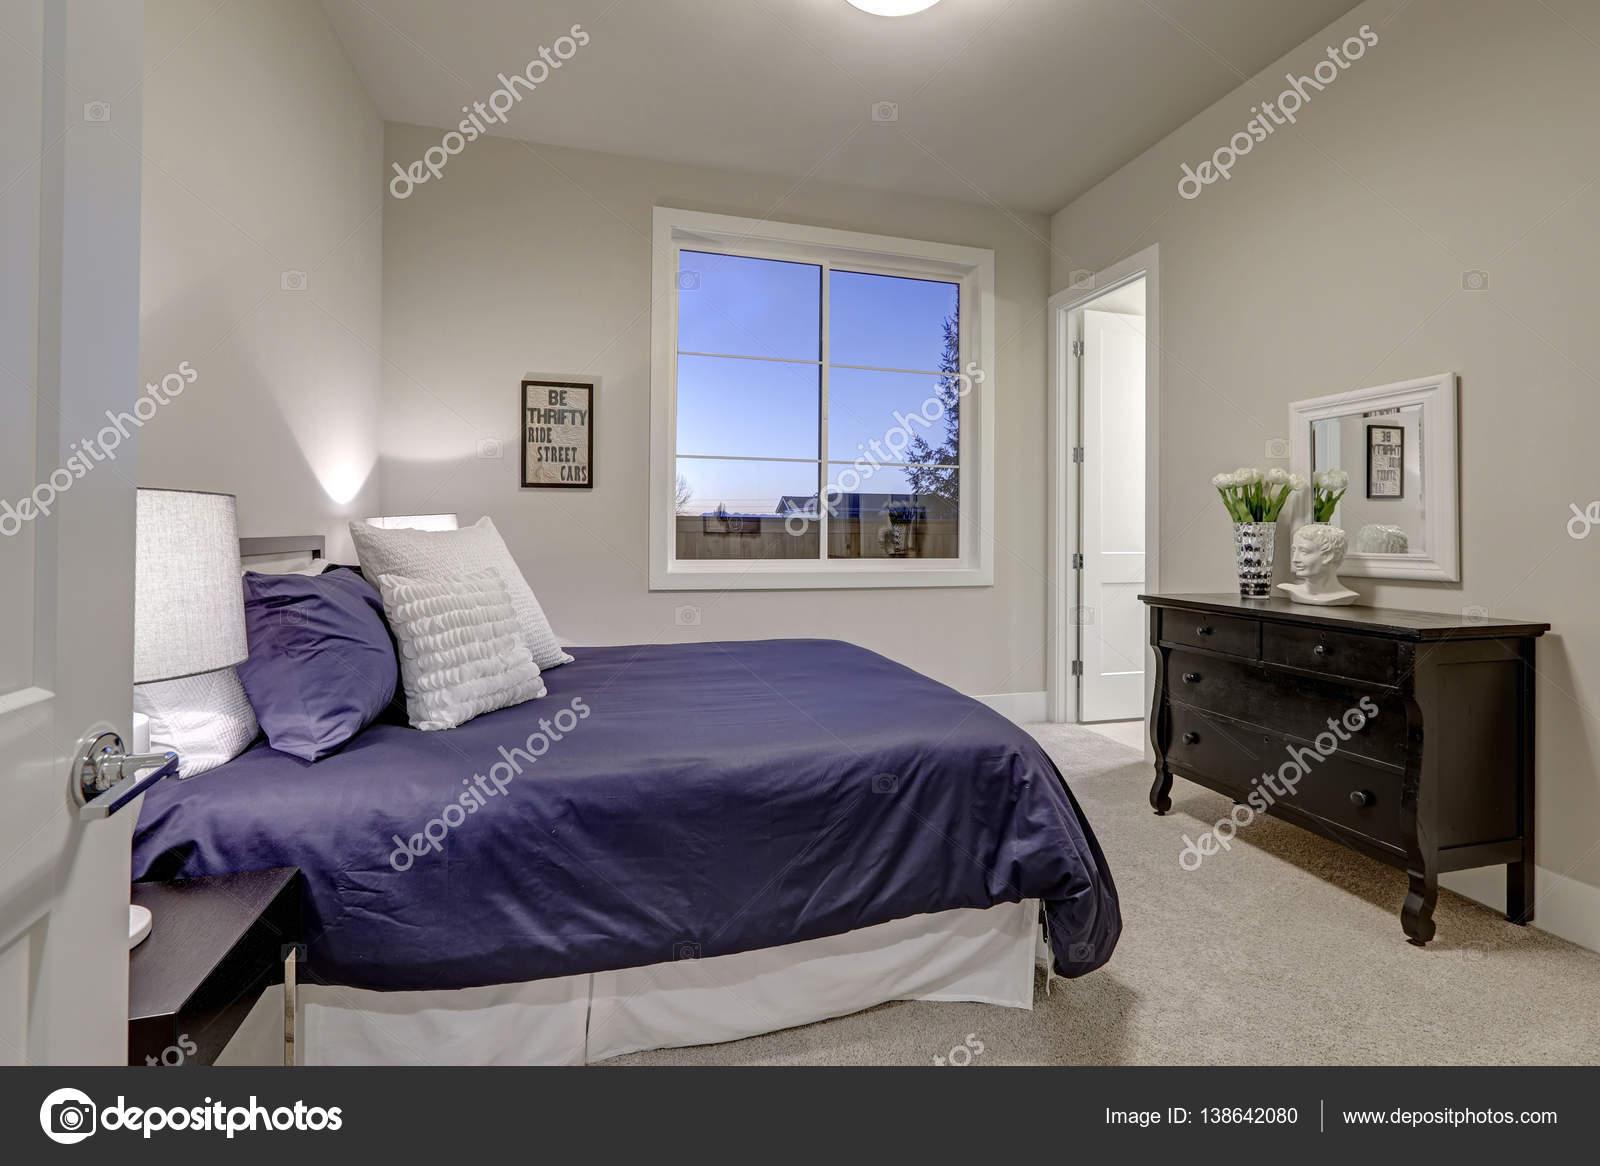 Beige Und Blass Grau Schlafzimmer Design Akzentuiert Mit Blaues Bett U2014  Stockfoto